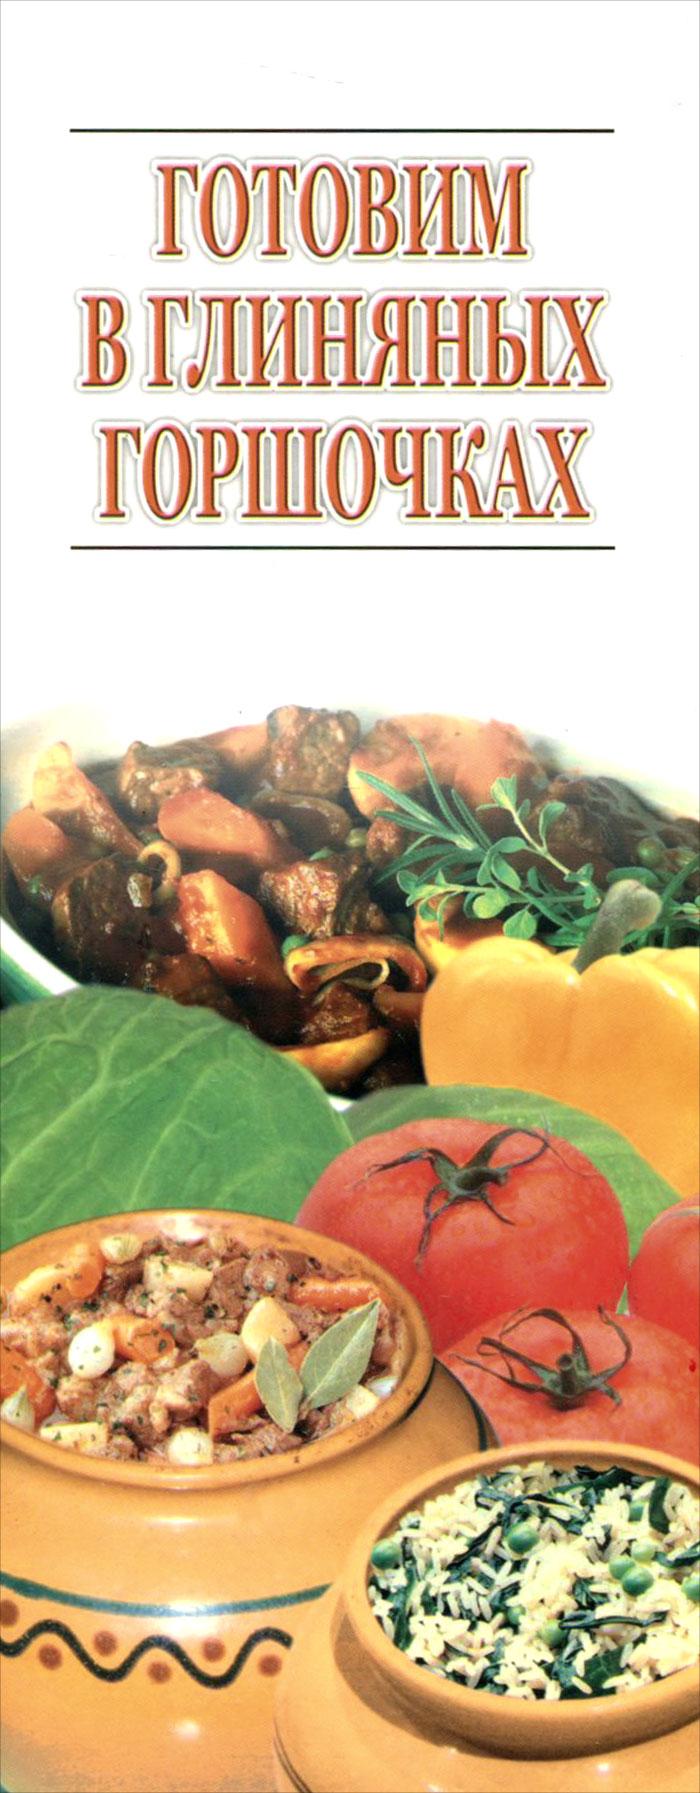 Готовим в глиняных горшочках книги эксмо блюда в горшочках